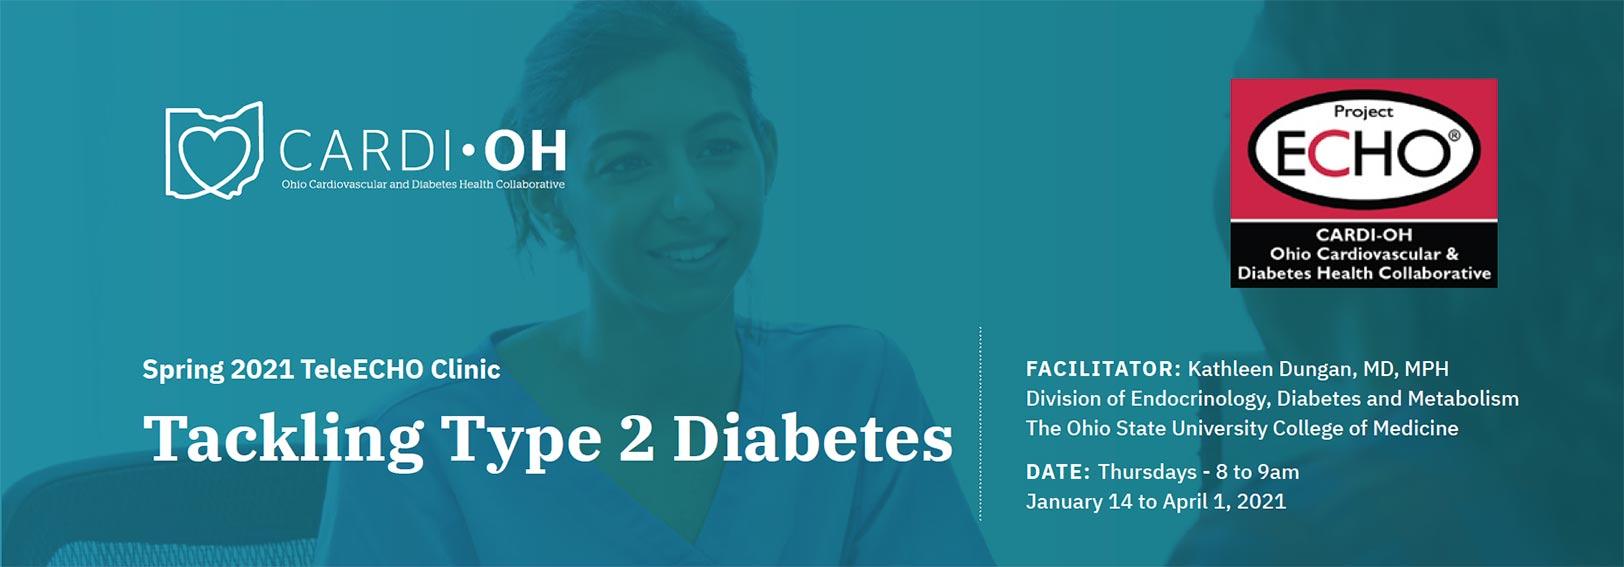 Cardi-OH ECHO Spring 2021 Tackling Type 2 Diabetes